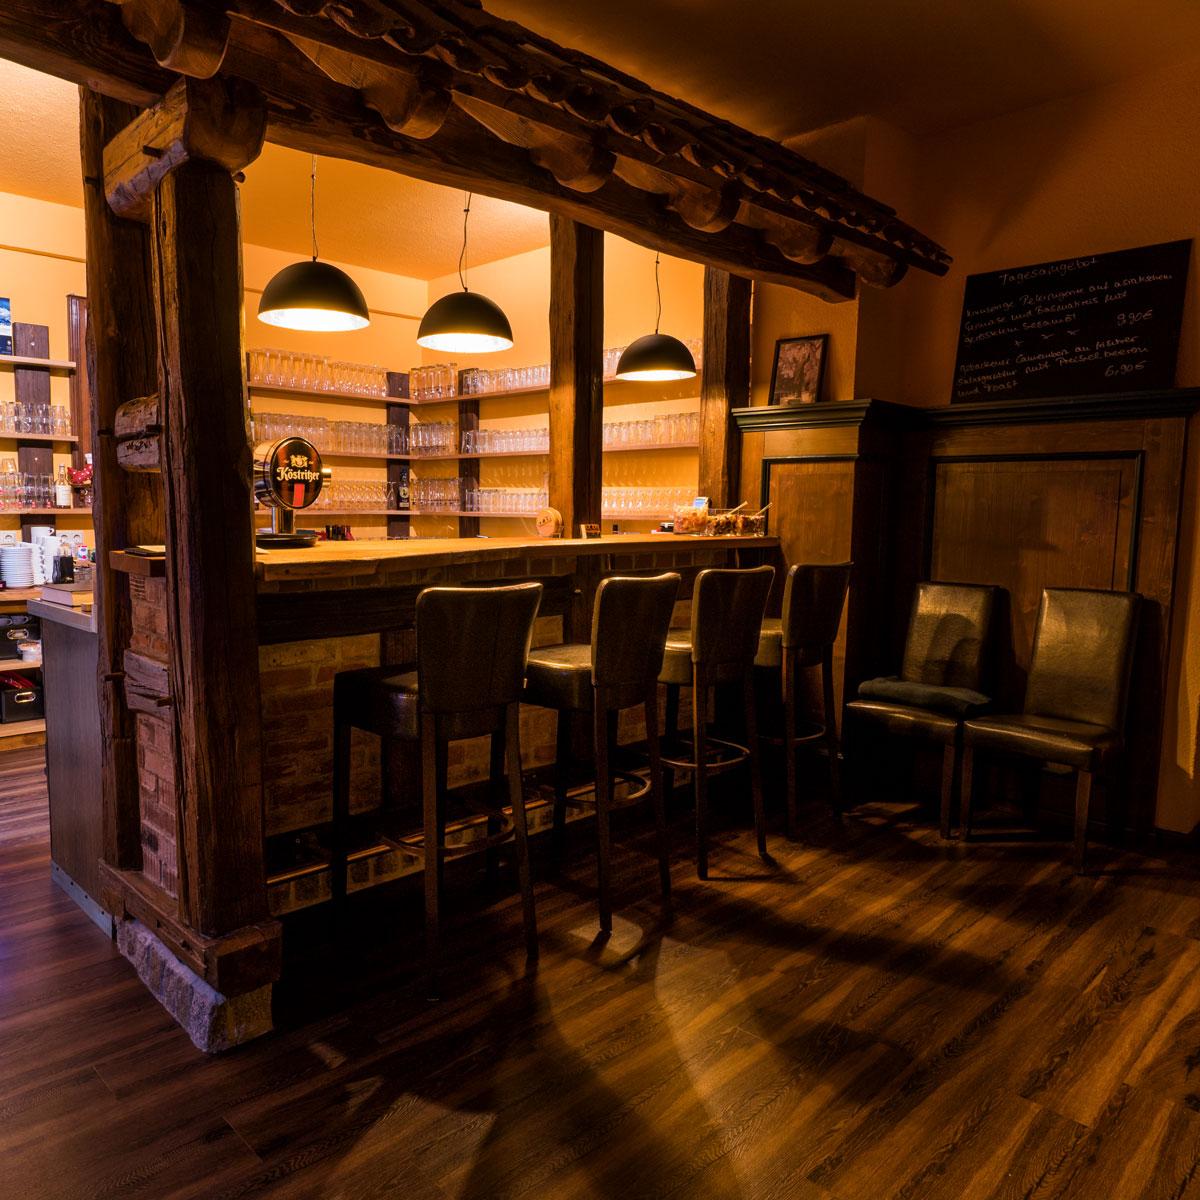 Restaurant & Saal - Parkgaststätte Laucha Blick in den Gastraum